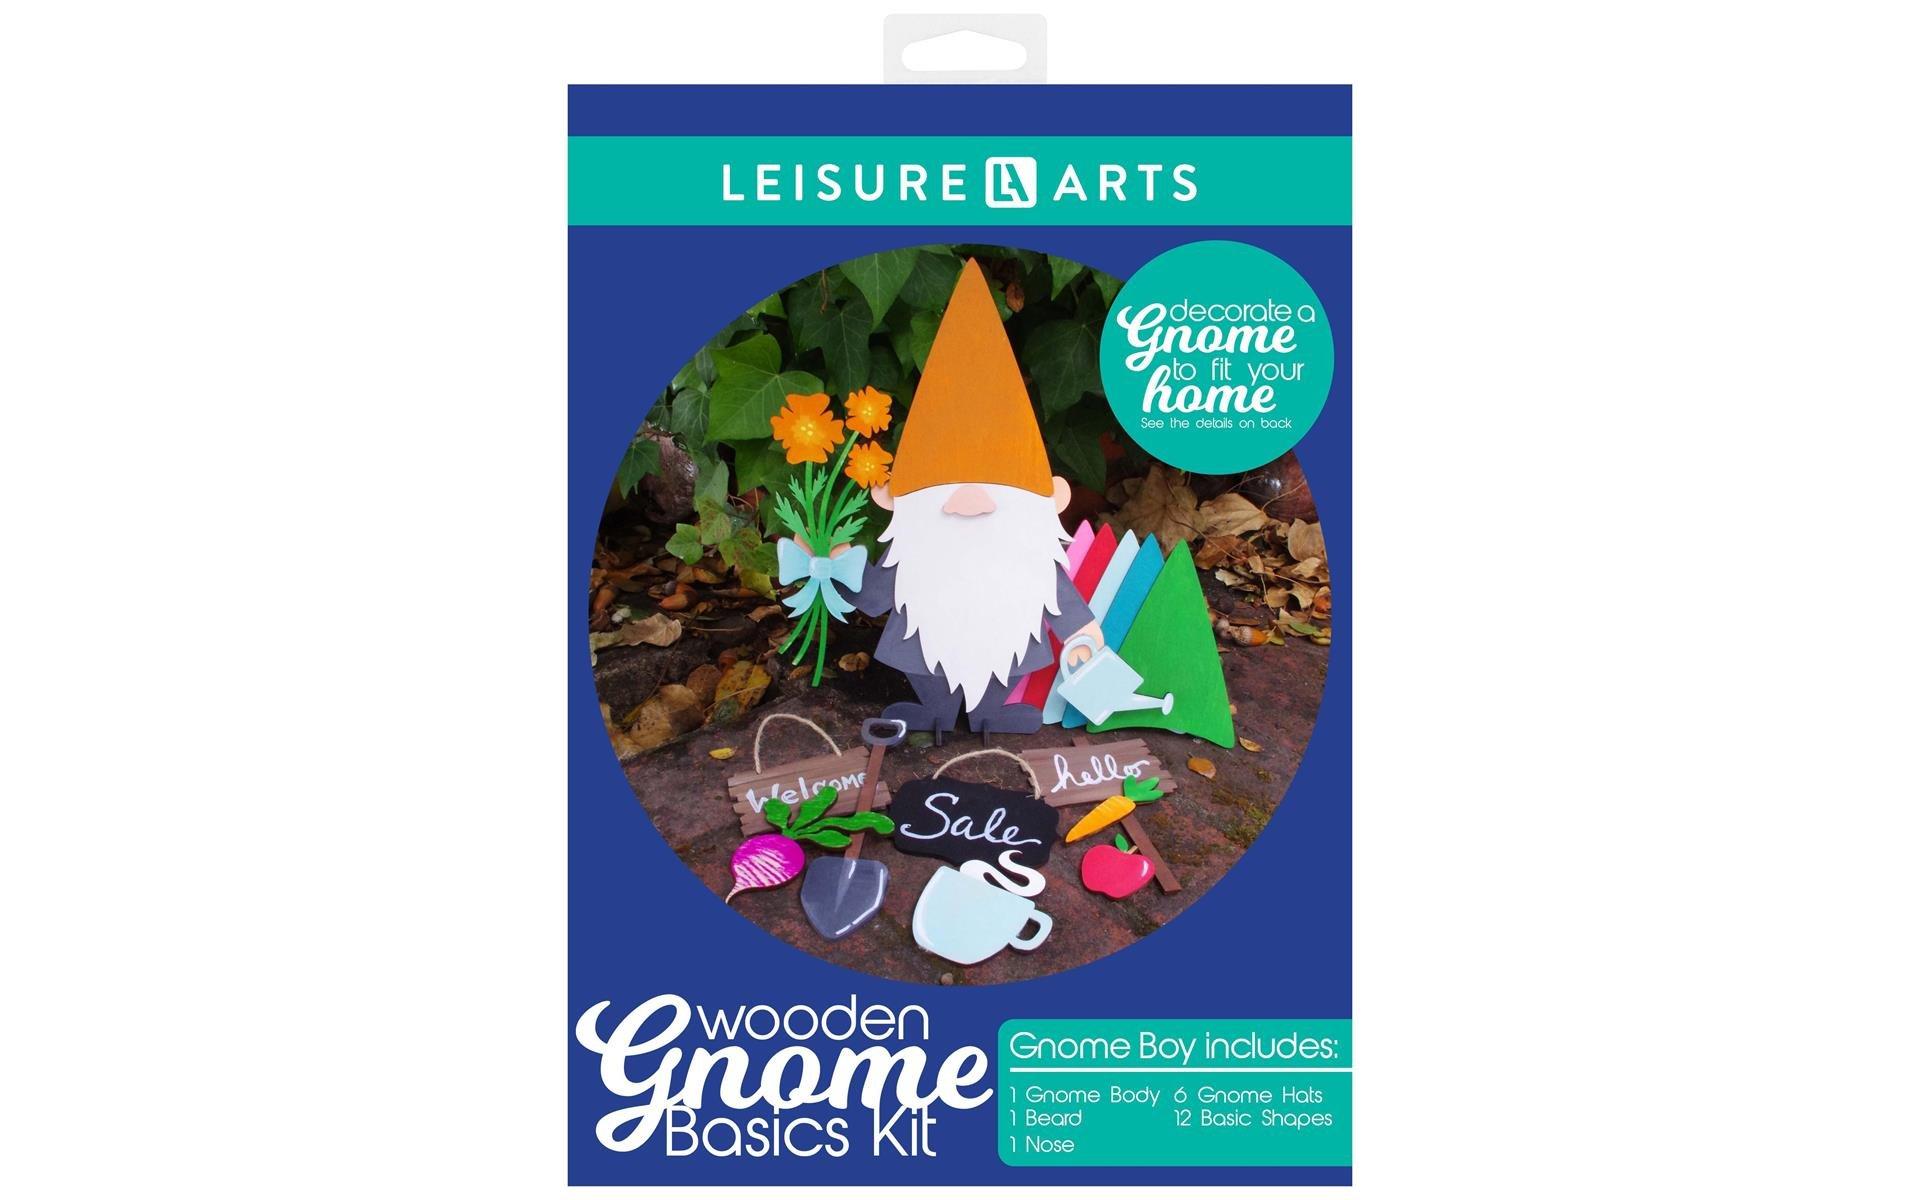 Leisure Arts Wood Gnome Kit Basics Boy